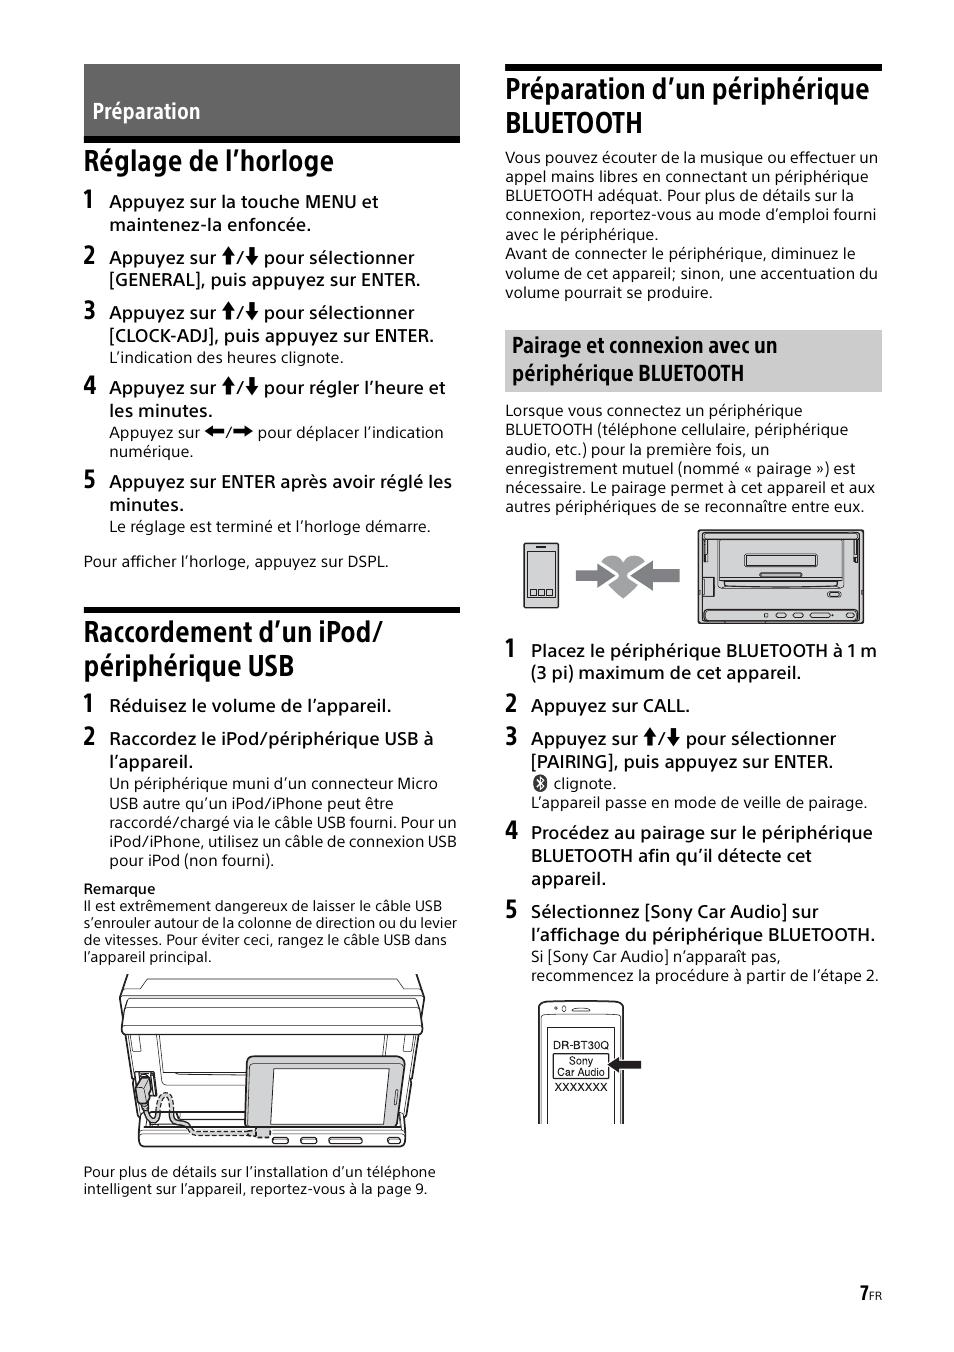 Préparation, Réglage de l'horloge, Raccordement d'un ipod/ périphérique usb